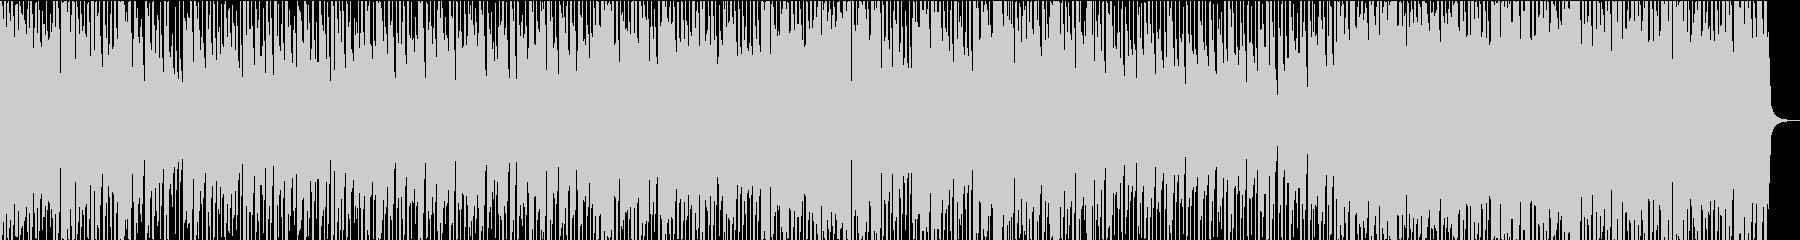 流れるようなテナーサックスのメロデ...の未再生の波形